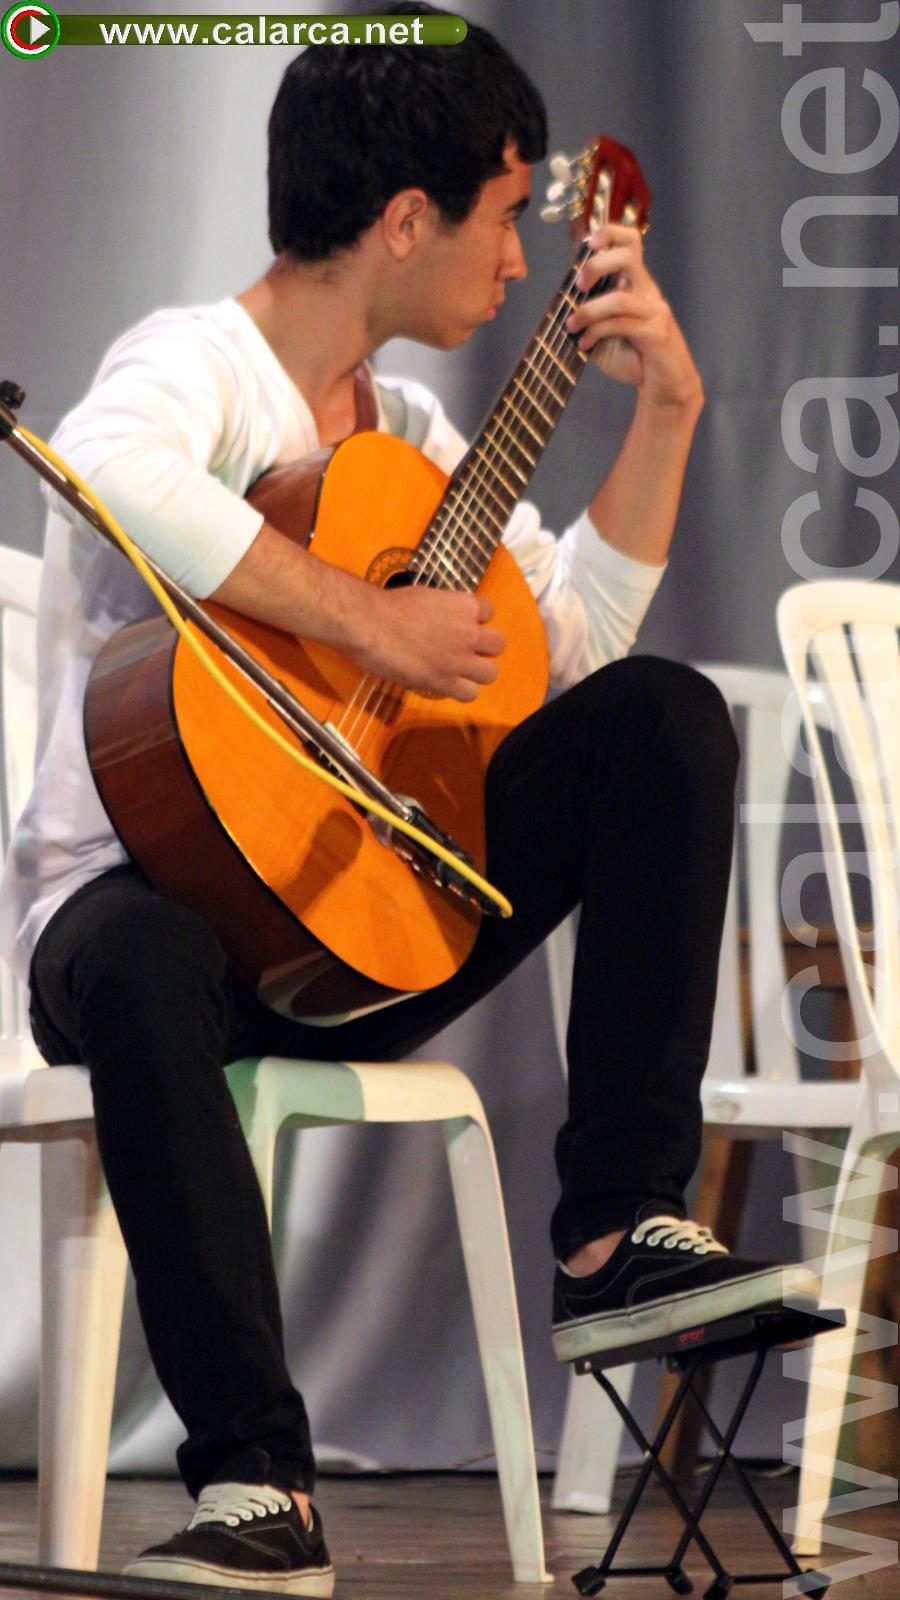 Solista guitarra - Juan Manuel López